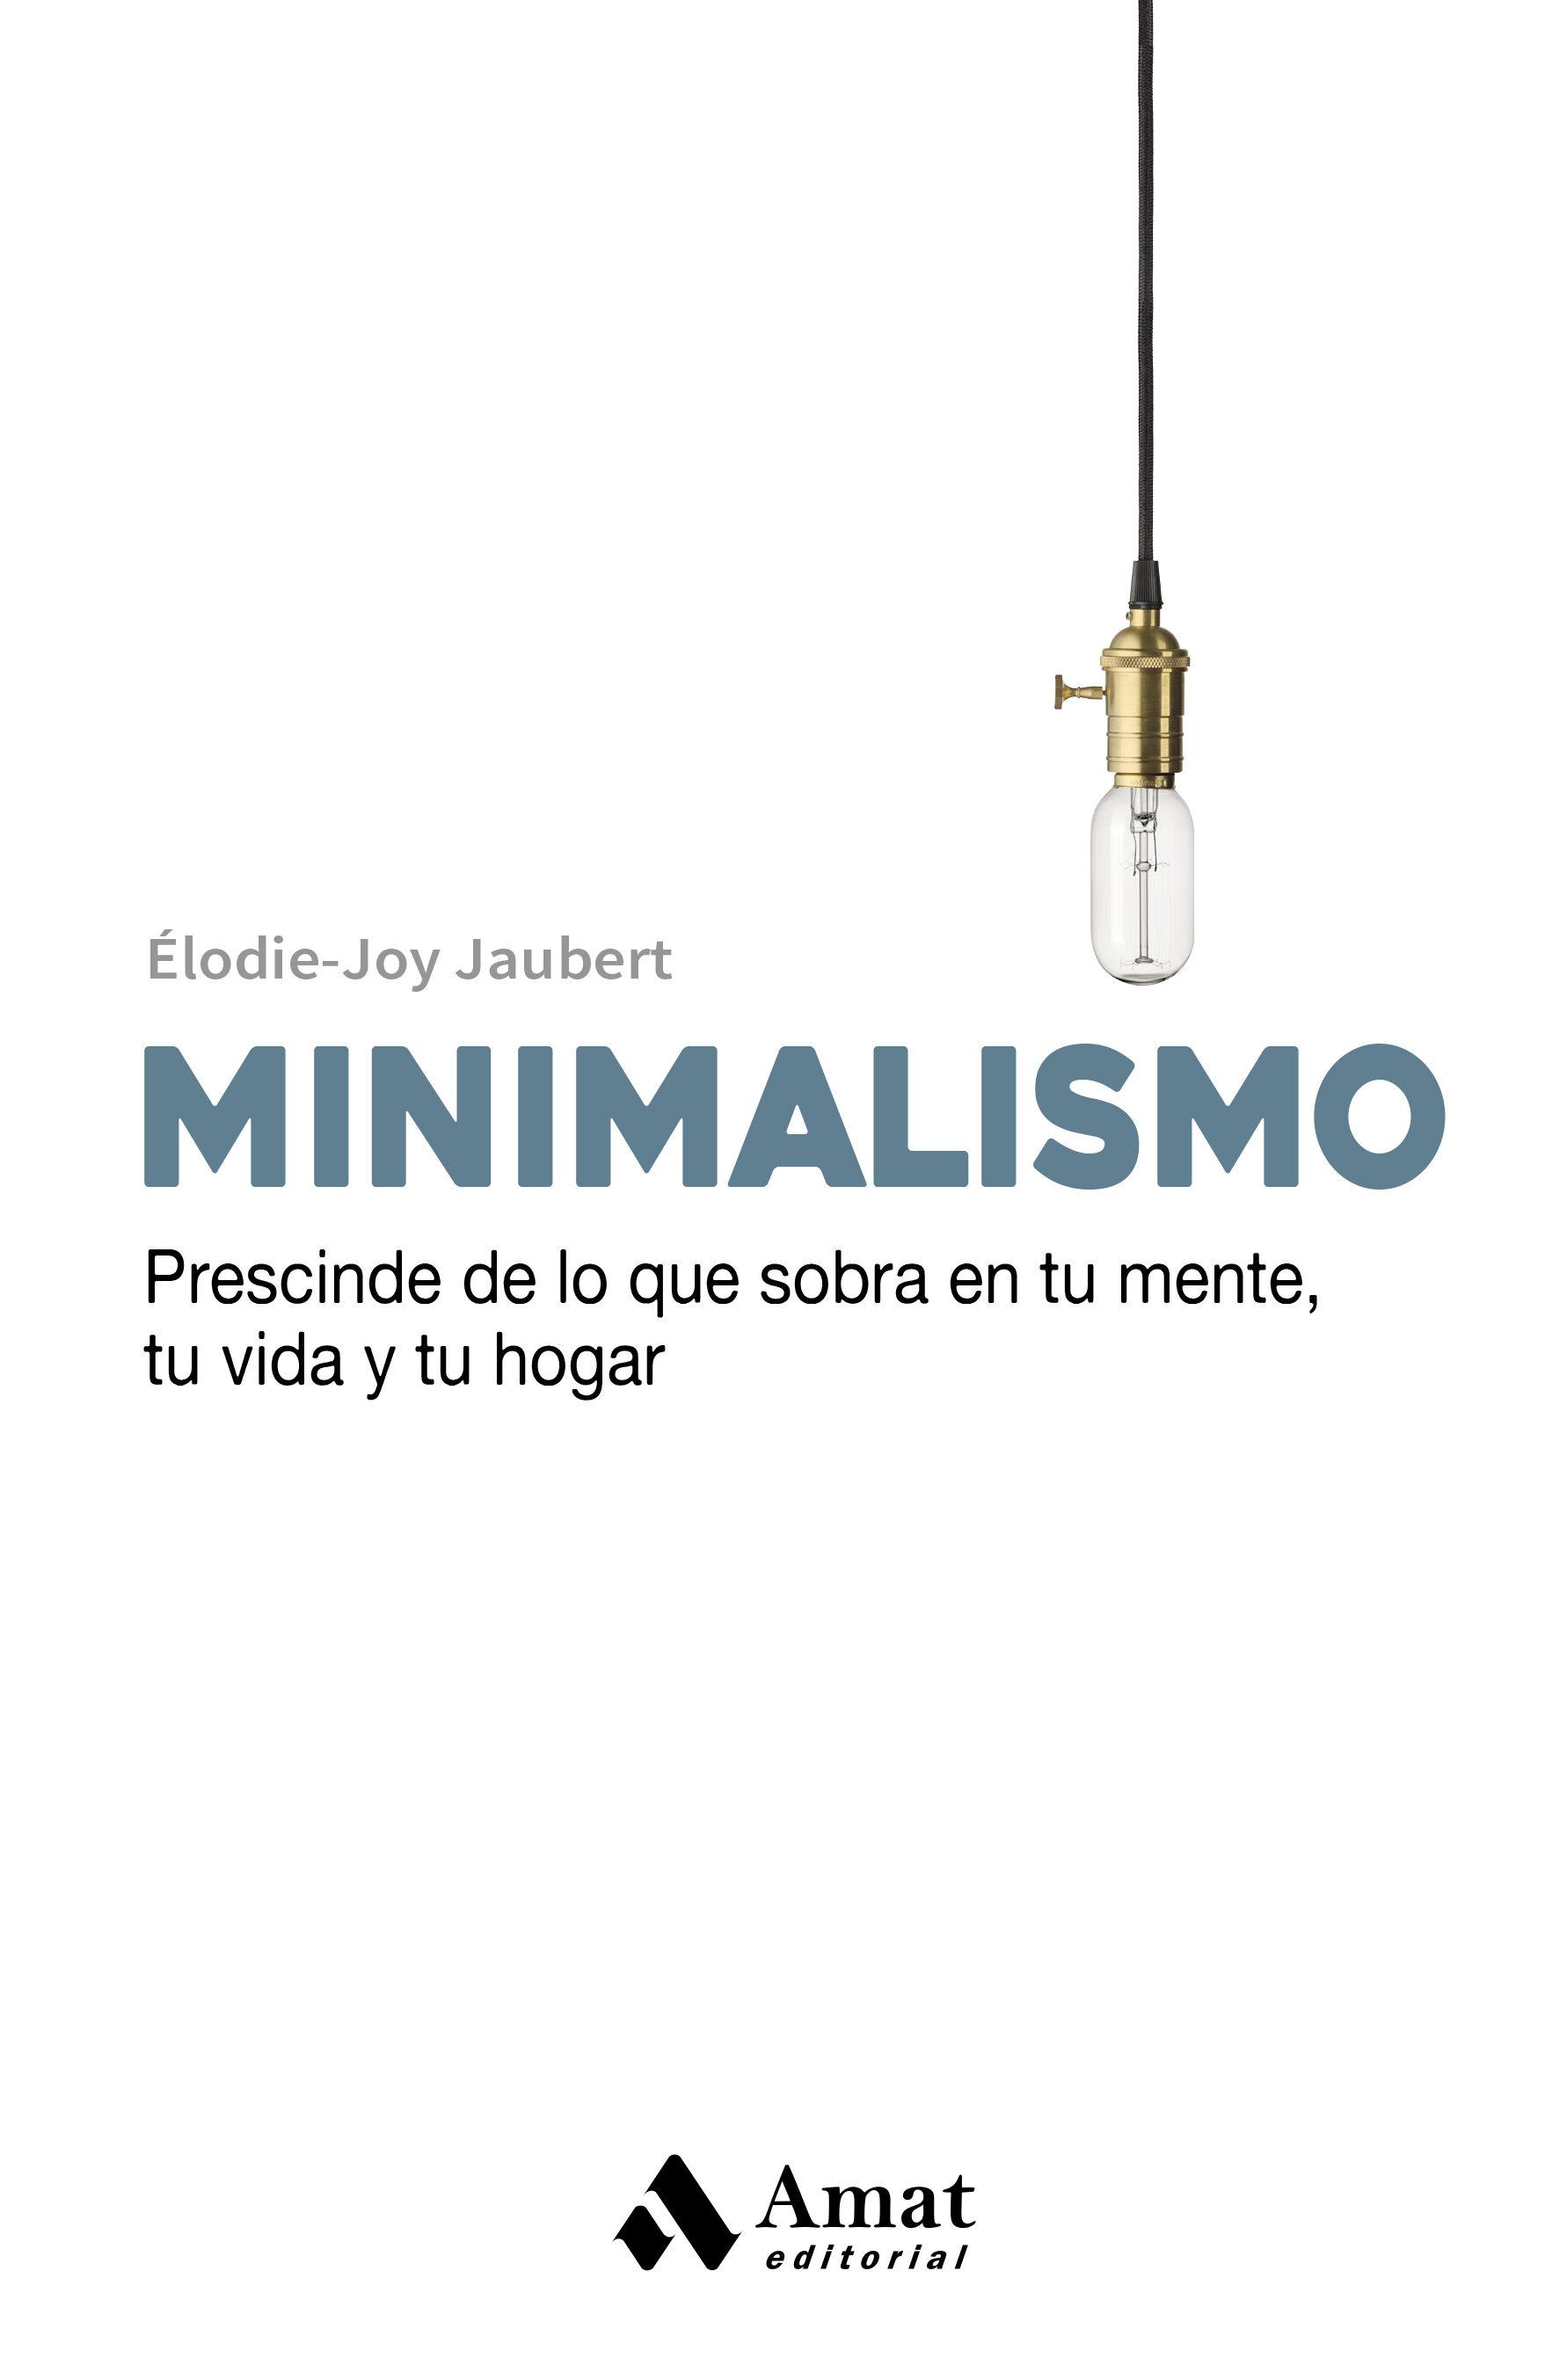 minimalismo-elodie joy jaubert-9788497359665